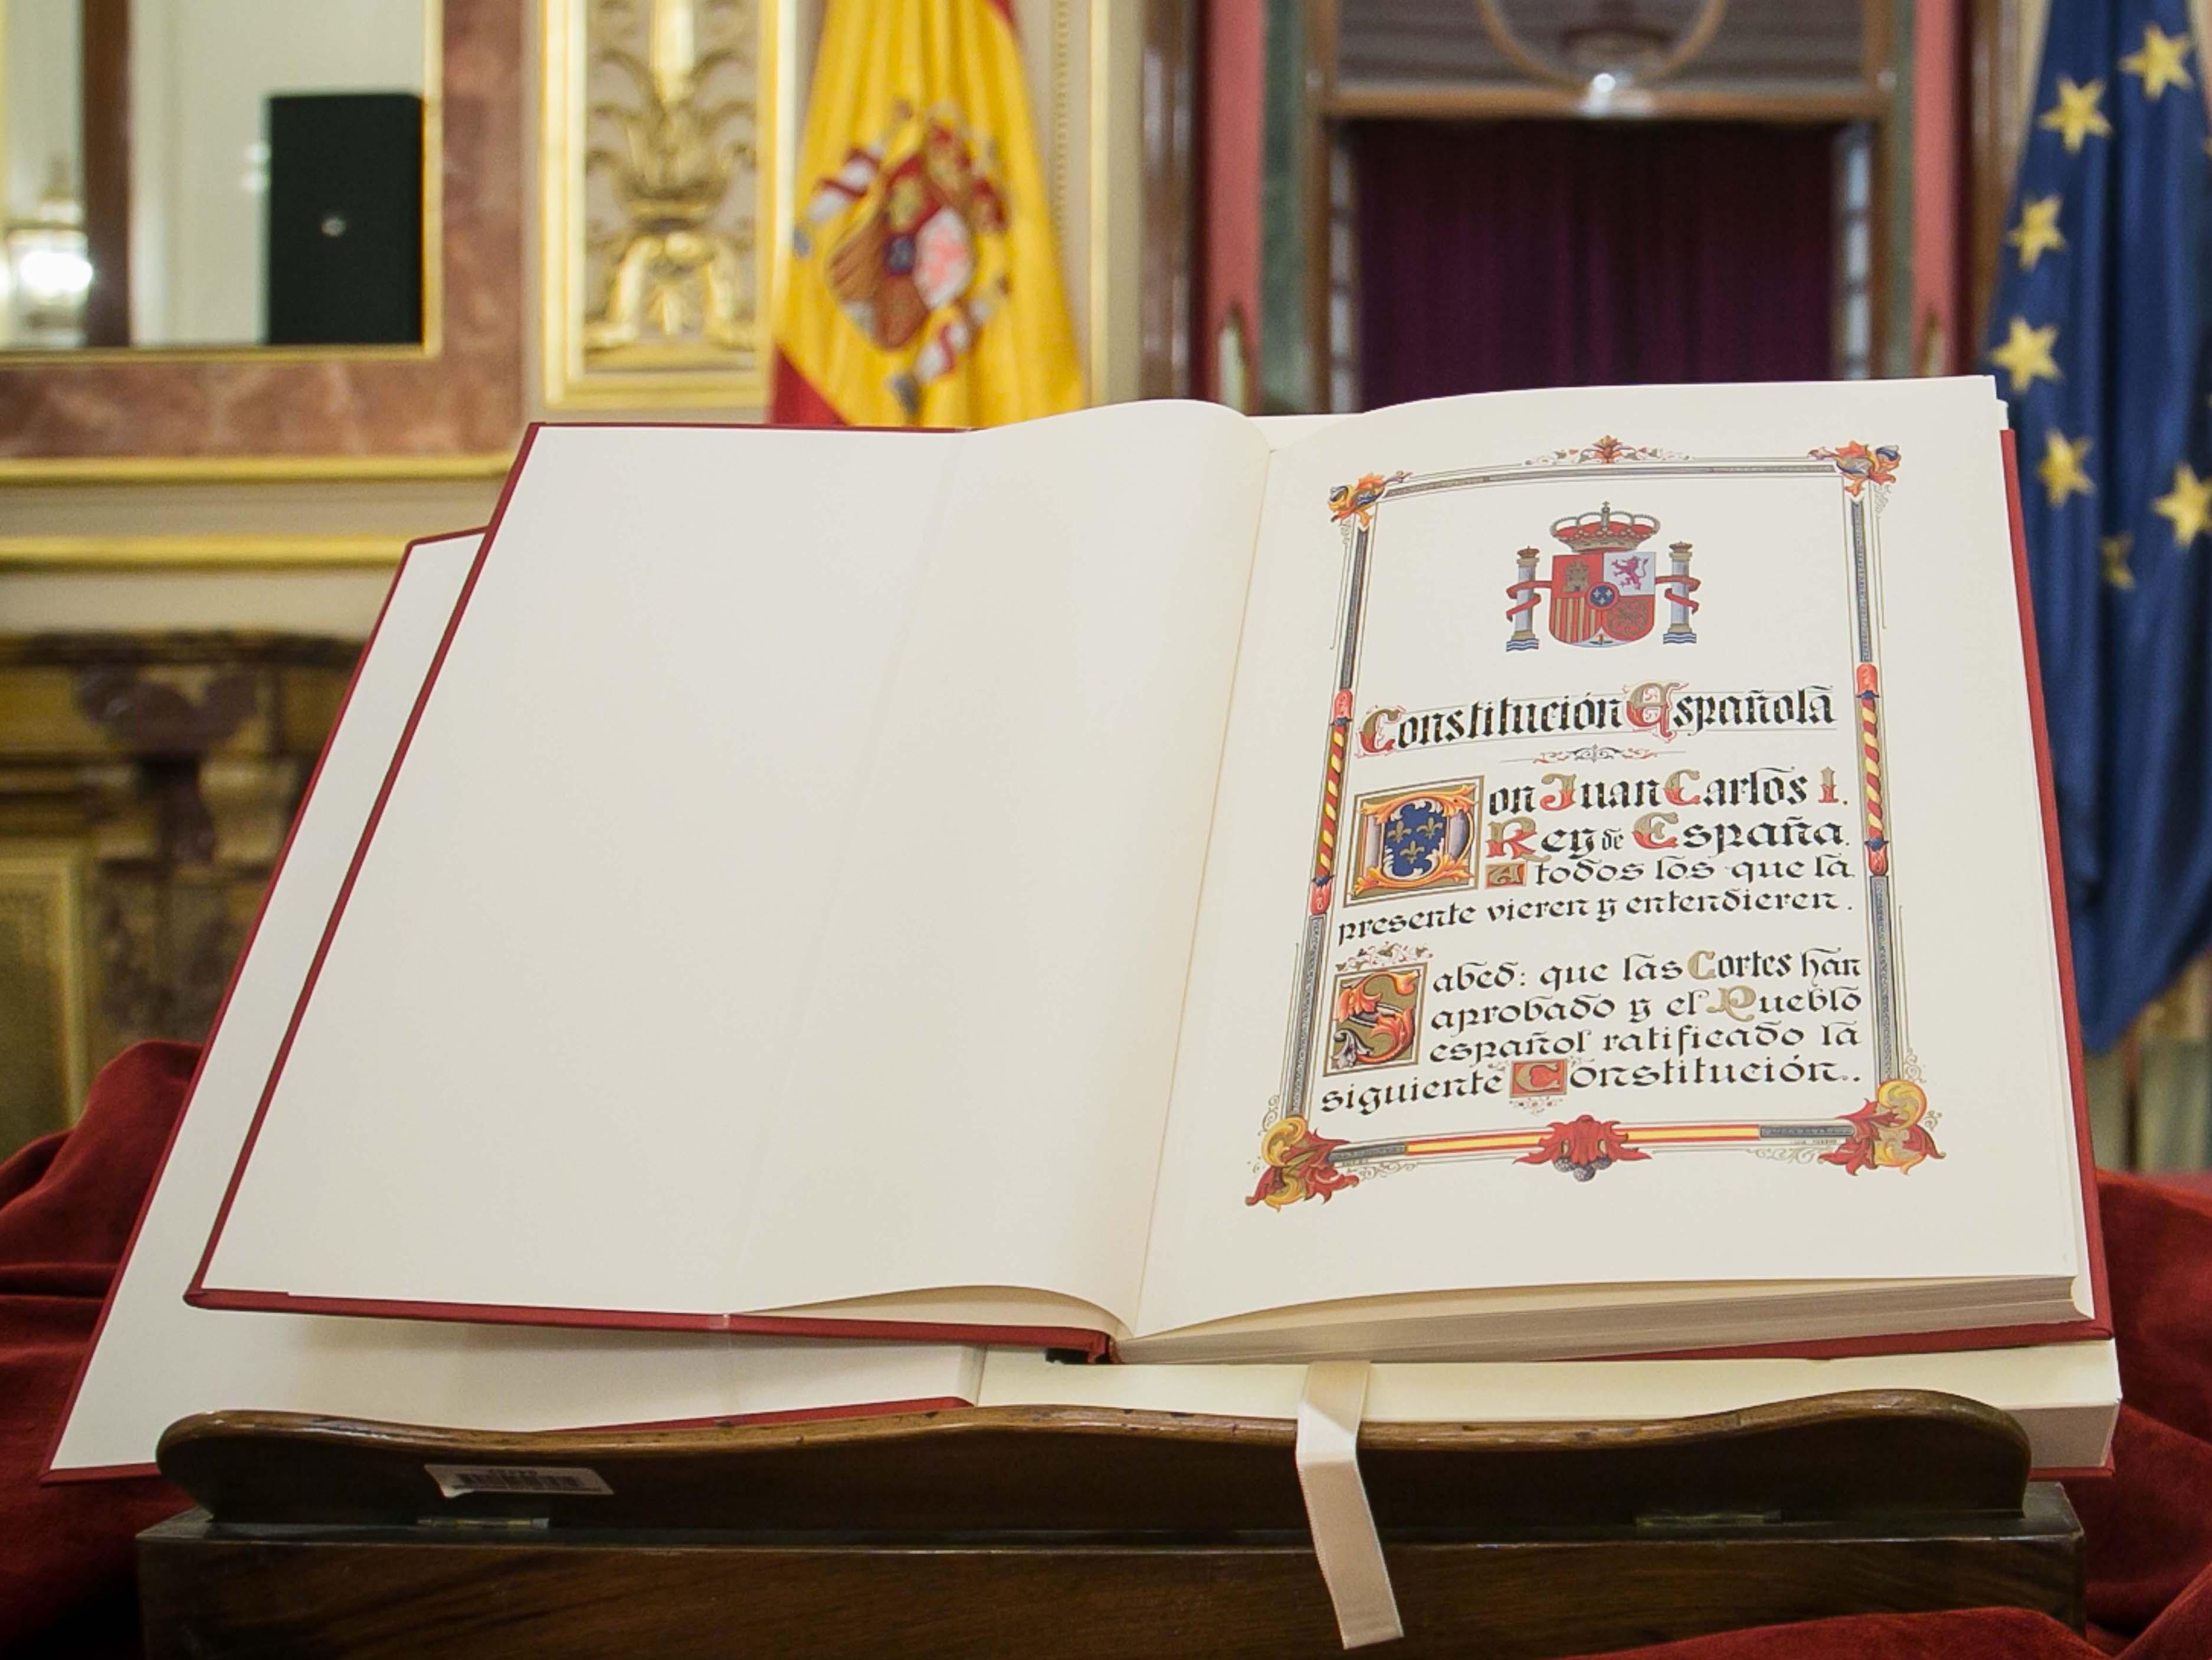 Ejemplar de la Constitución española de 1978 que se exhibe en el Congreso de los Diputados.